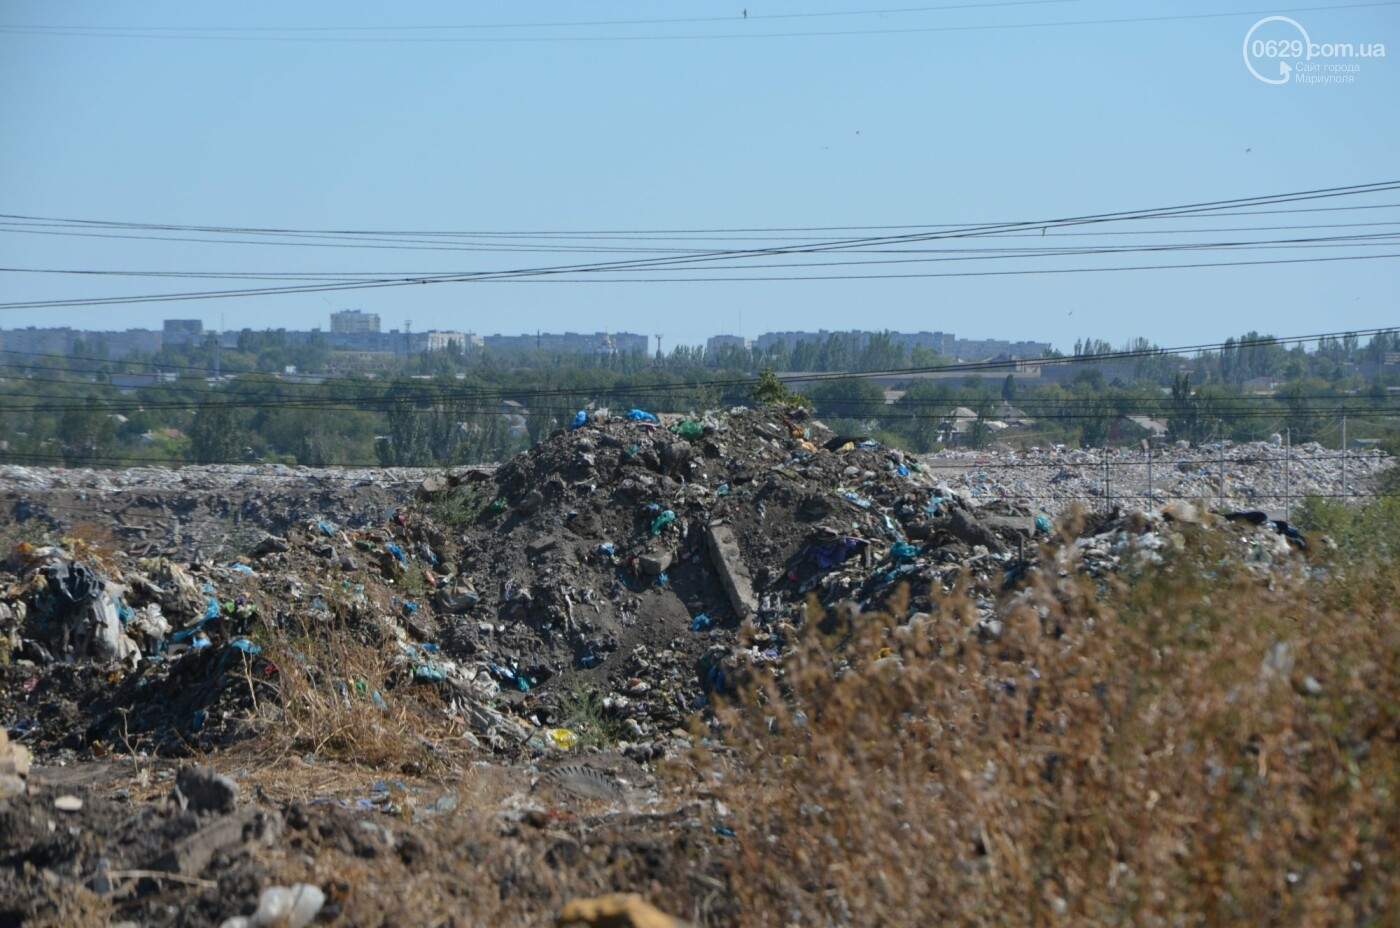 Как в Мариуполе свалочный полигон готовится стать «электростанцией», - ФОТОРЕПОРТАЖ, фото-13